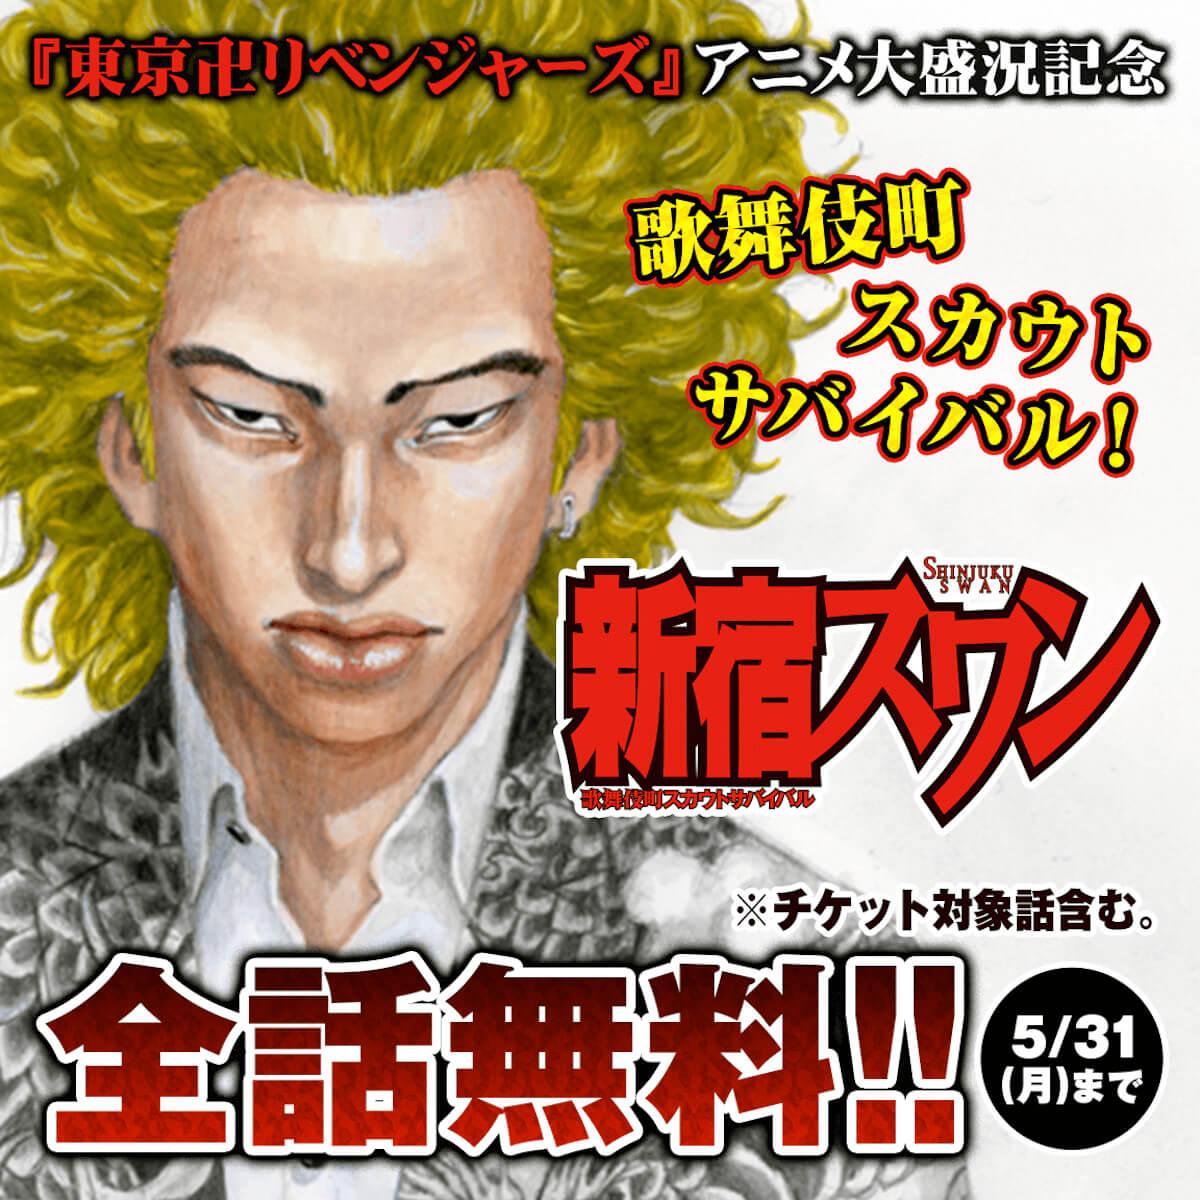 スワン 漫画 無料 新宿 漫画村の代わりに『新宿スワン』無料で最新刊まで読む方法を紹介。